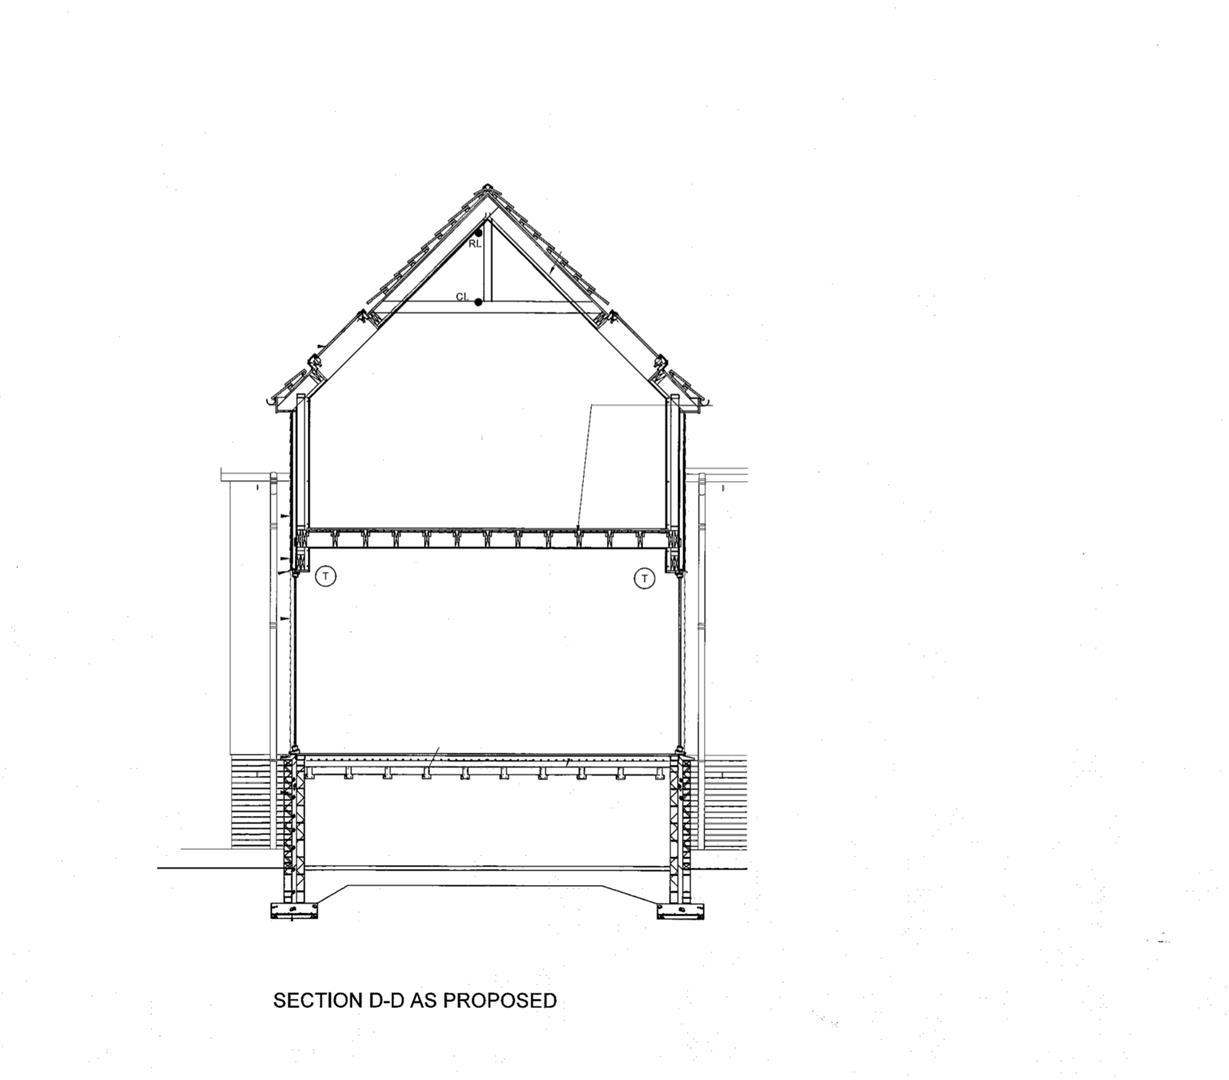 Section D-D